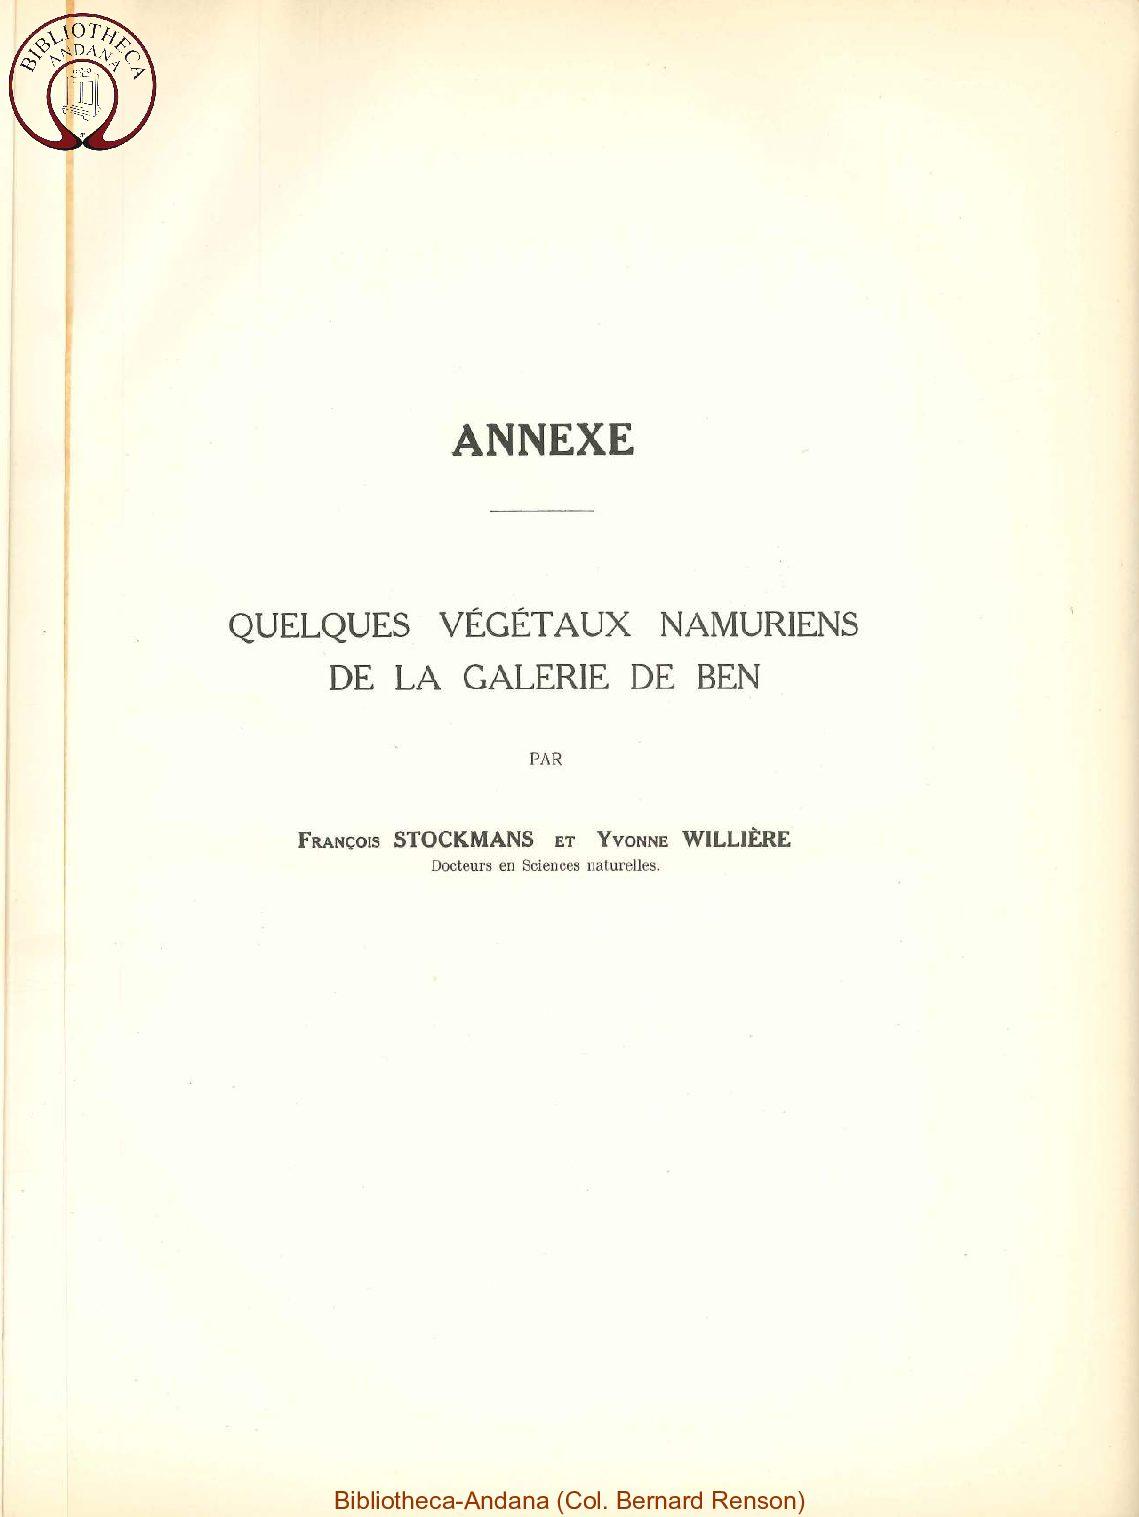 Le namurien dans le bassin d'Andenne (annexes)